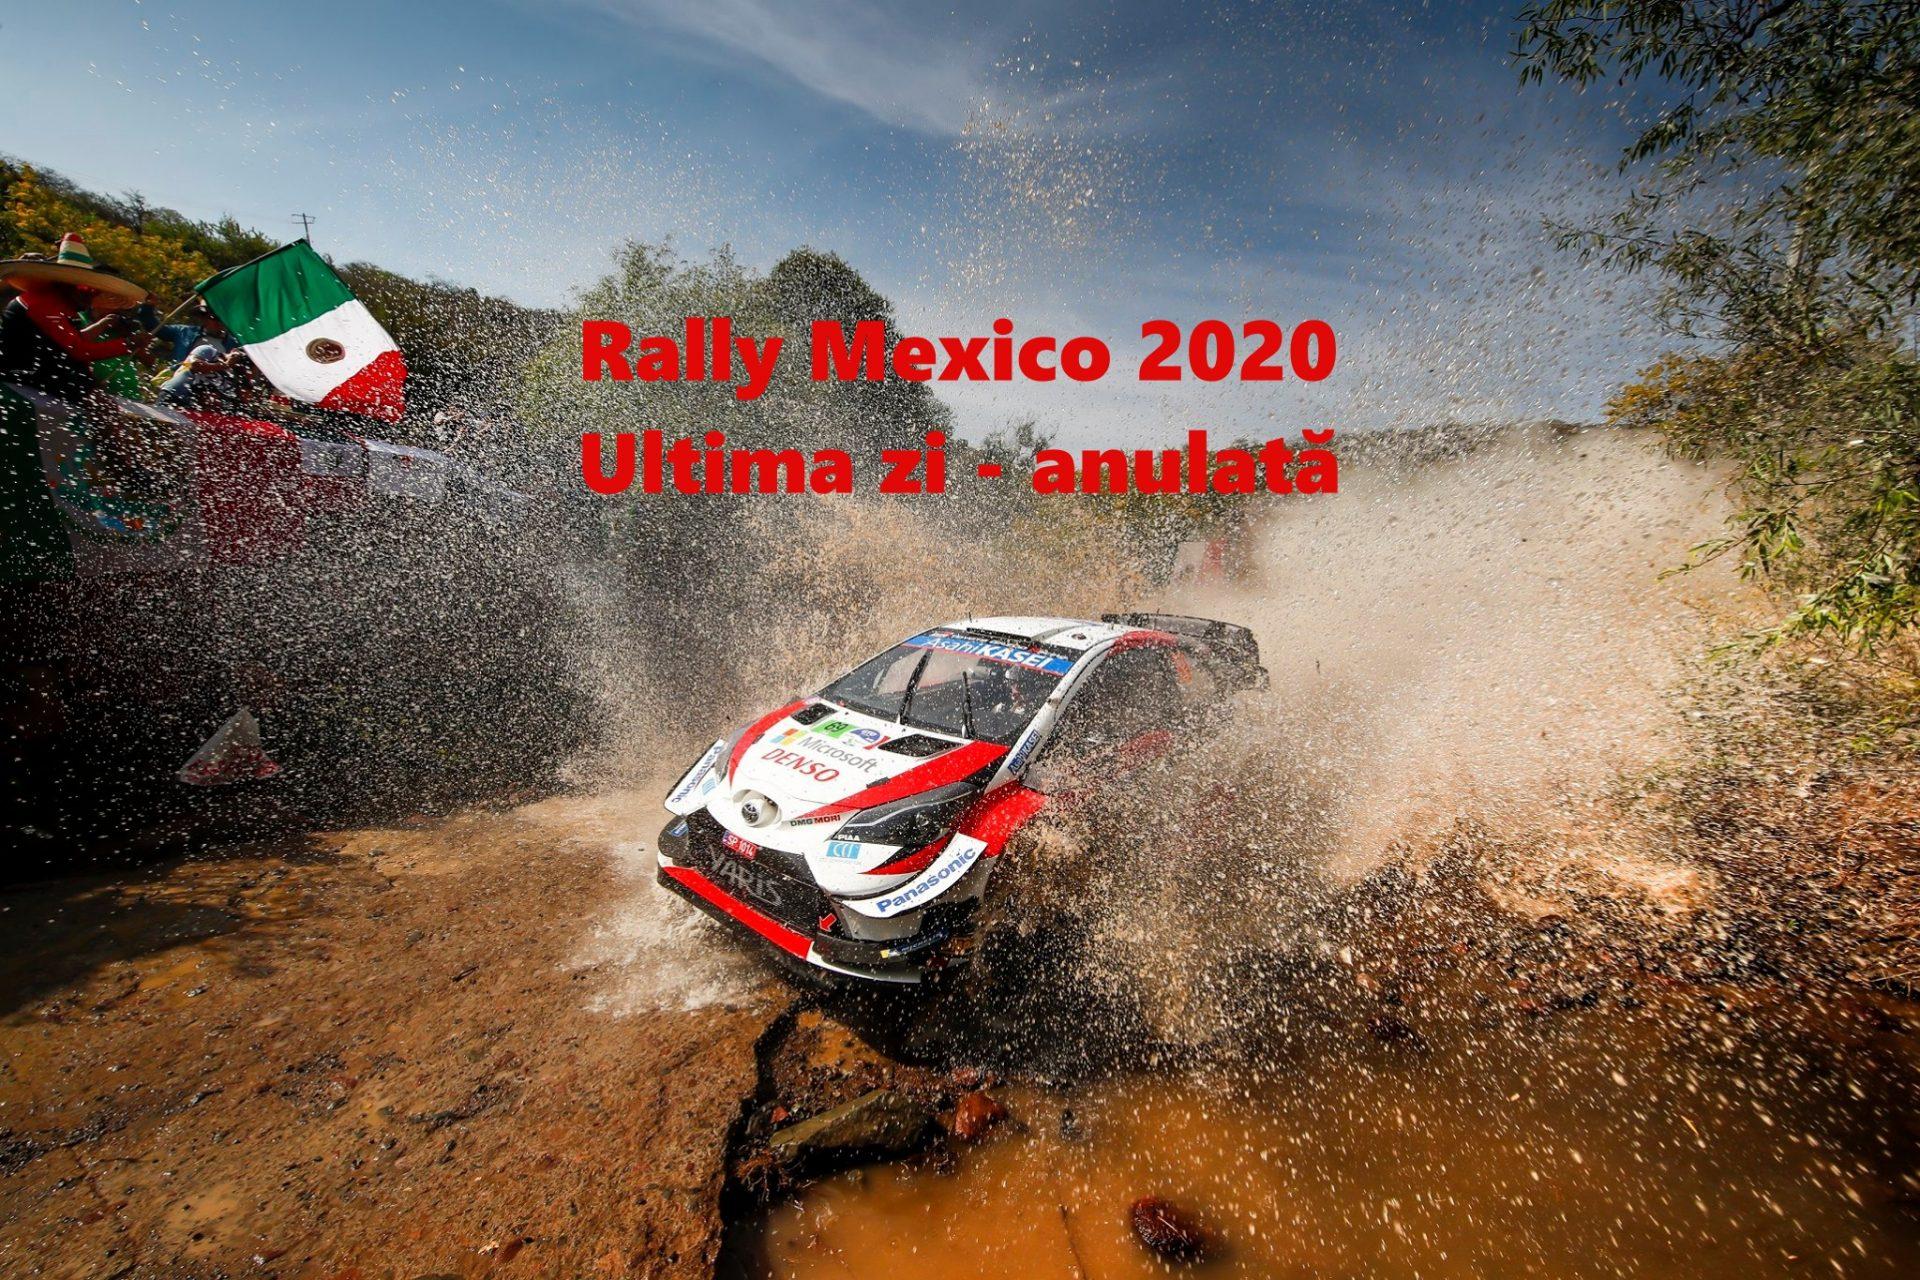 Ultima zi a Rally Mexico 2020 – anulata